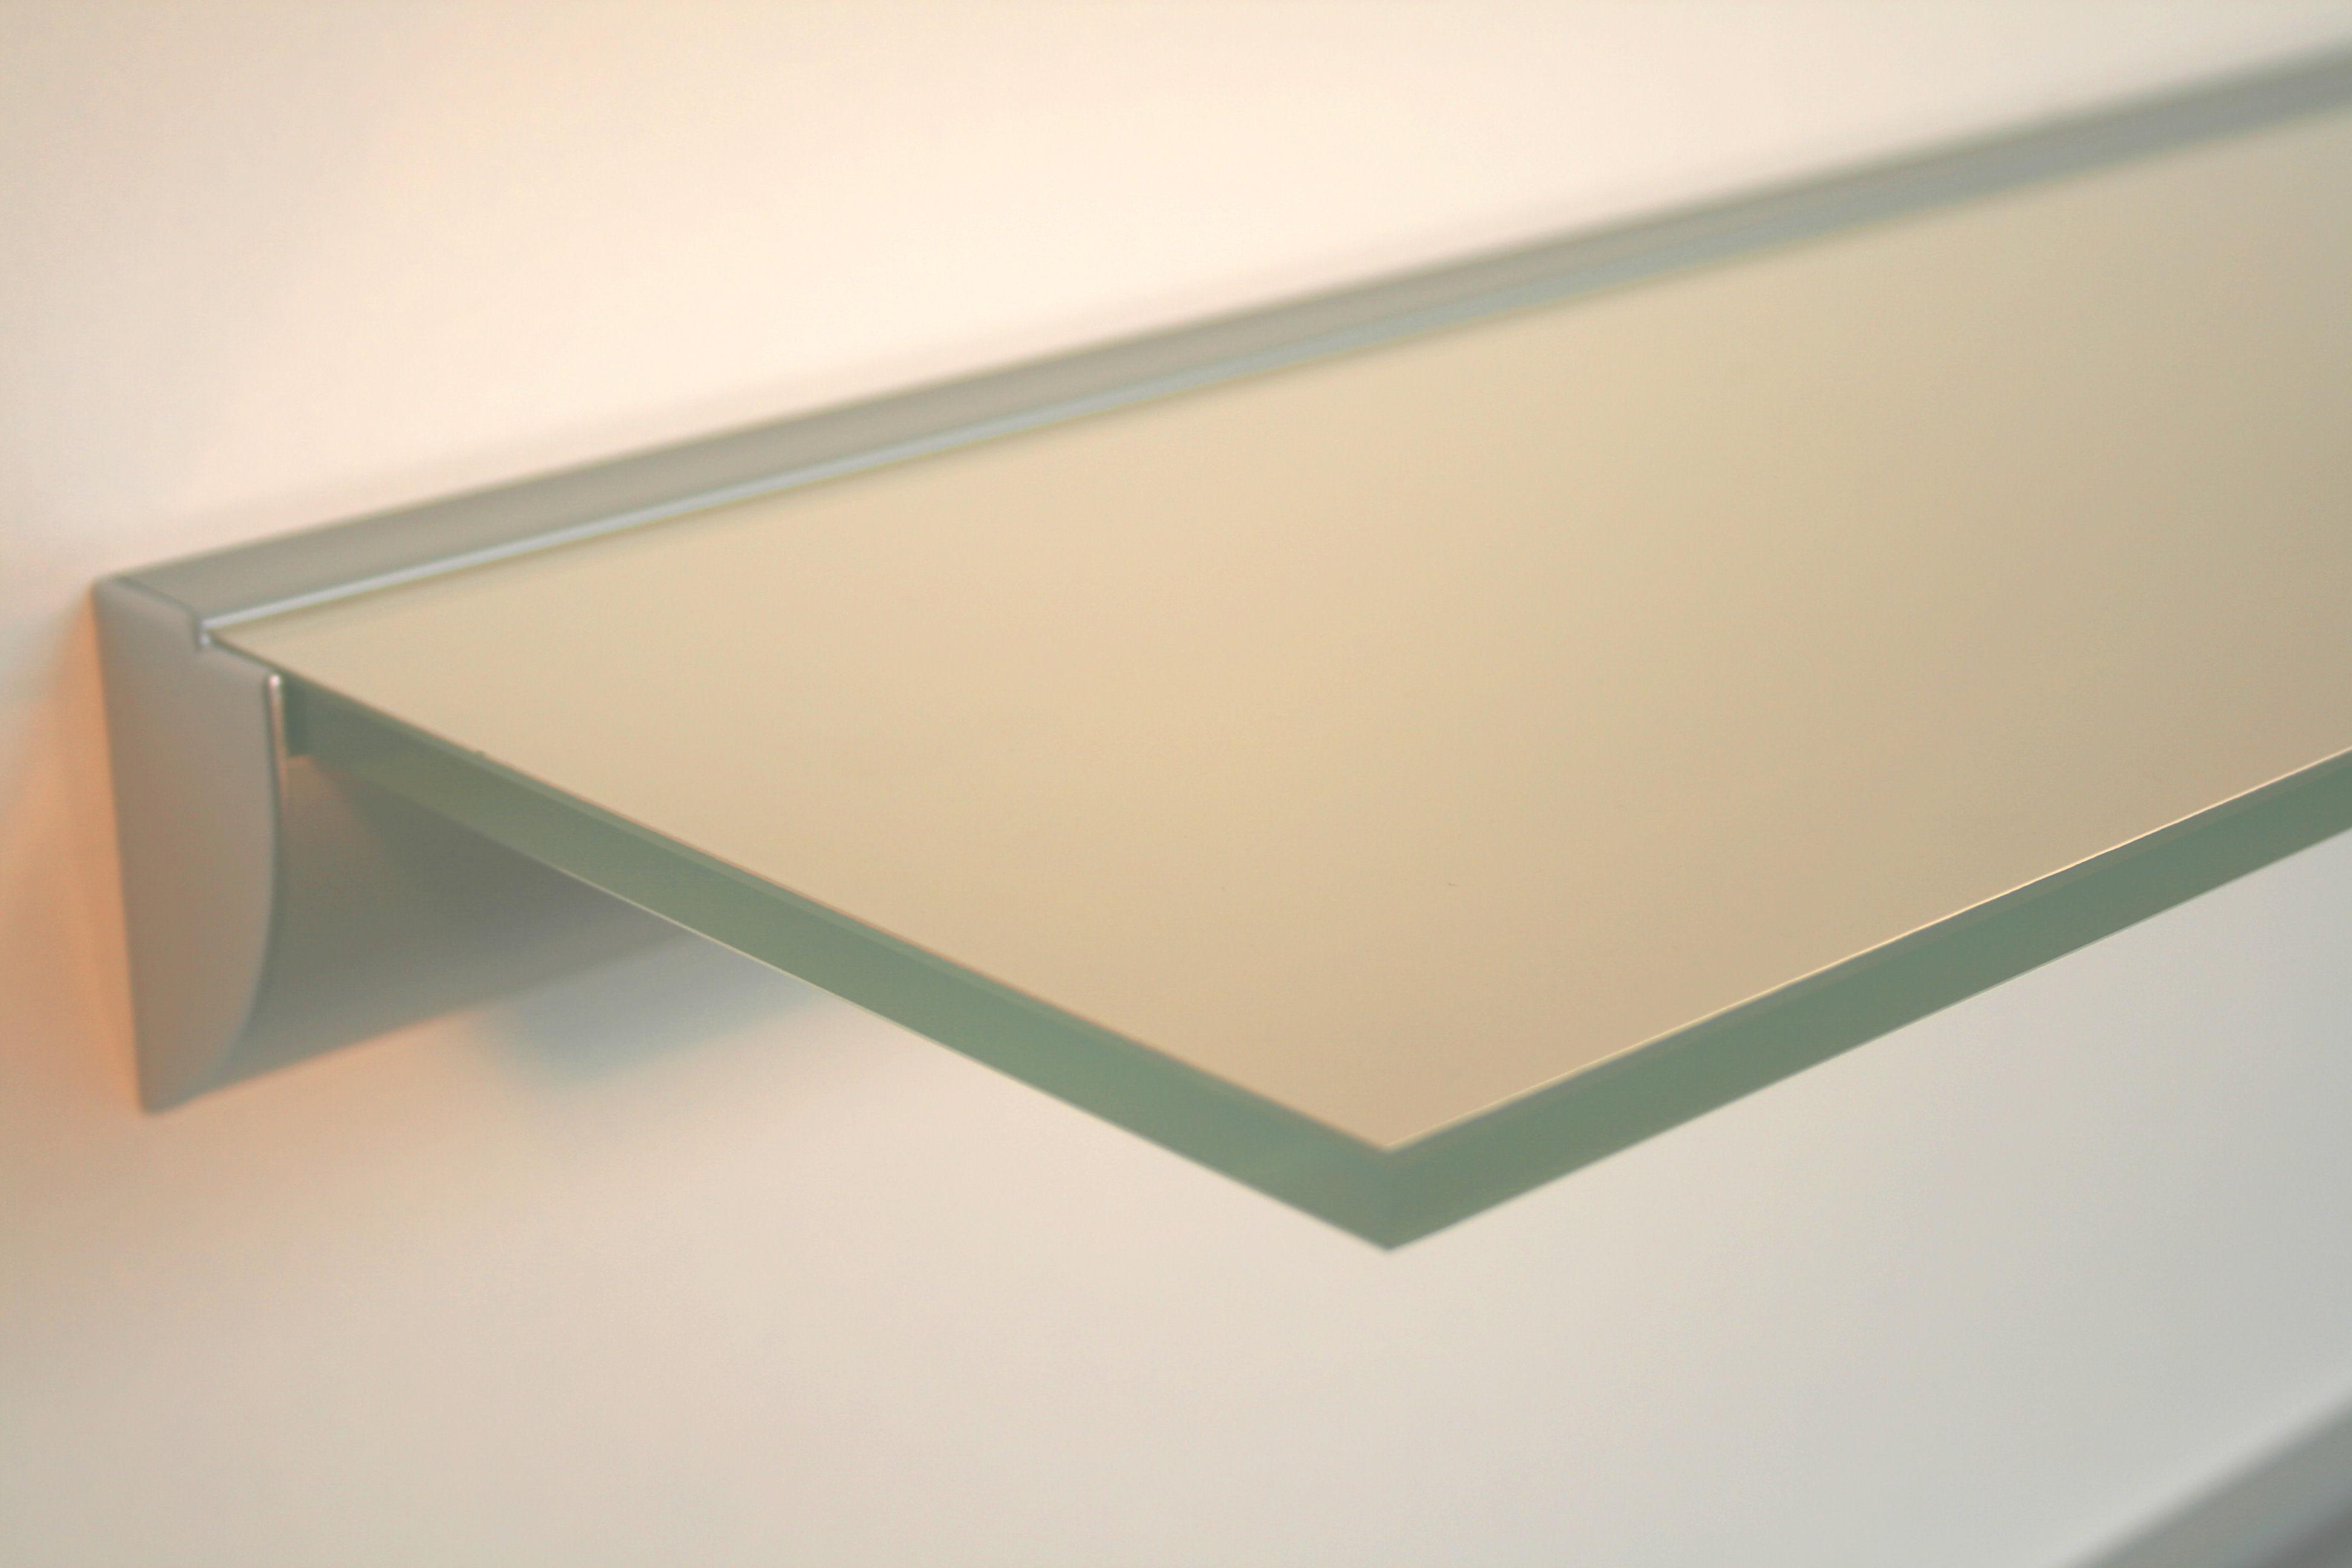 Beeindruckend Wandregal Glas Das Beste Von Geliebte 10 Mm Glasregal / Weiß Lack